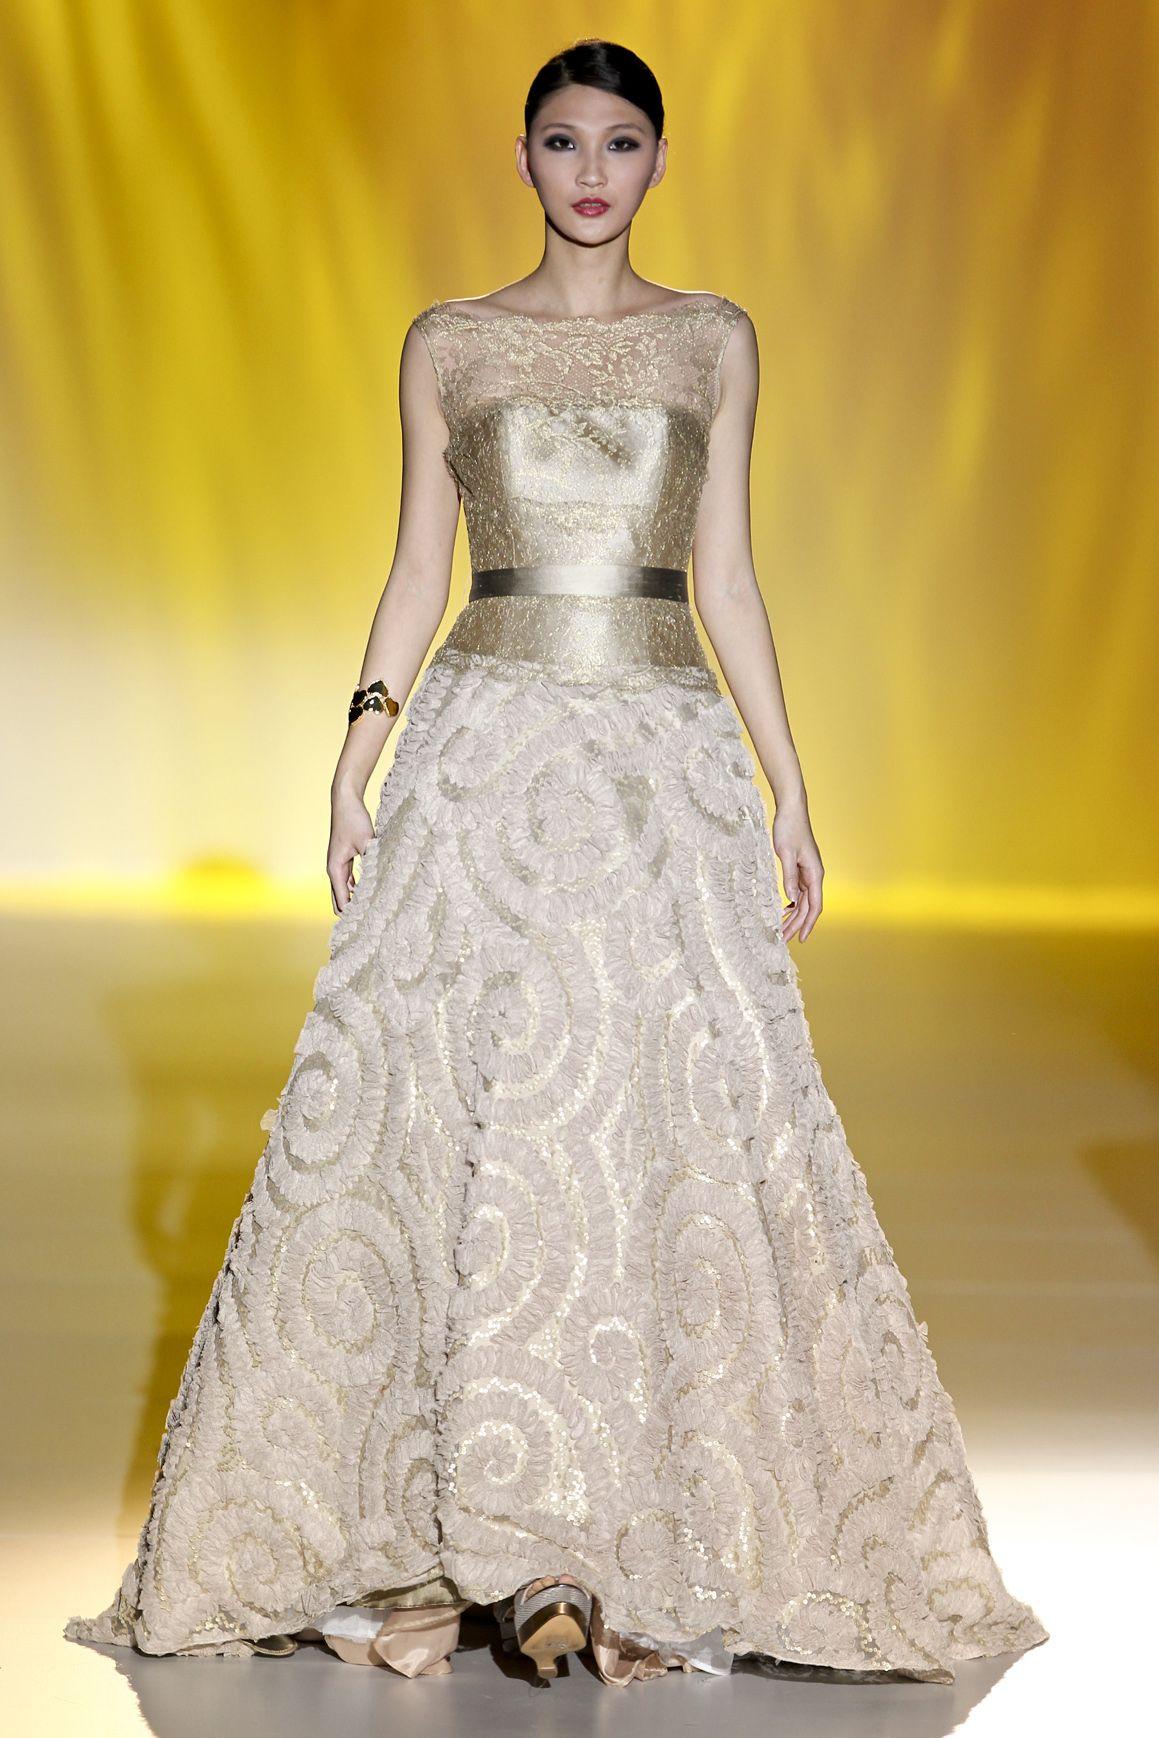 Eccezionale 5 abiti da sposa dorati per la primavera estate 2014 VI25